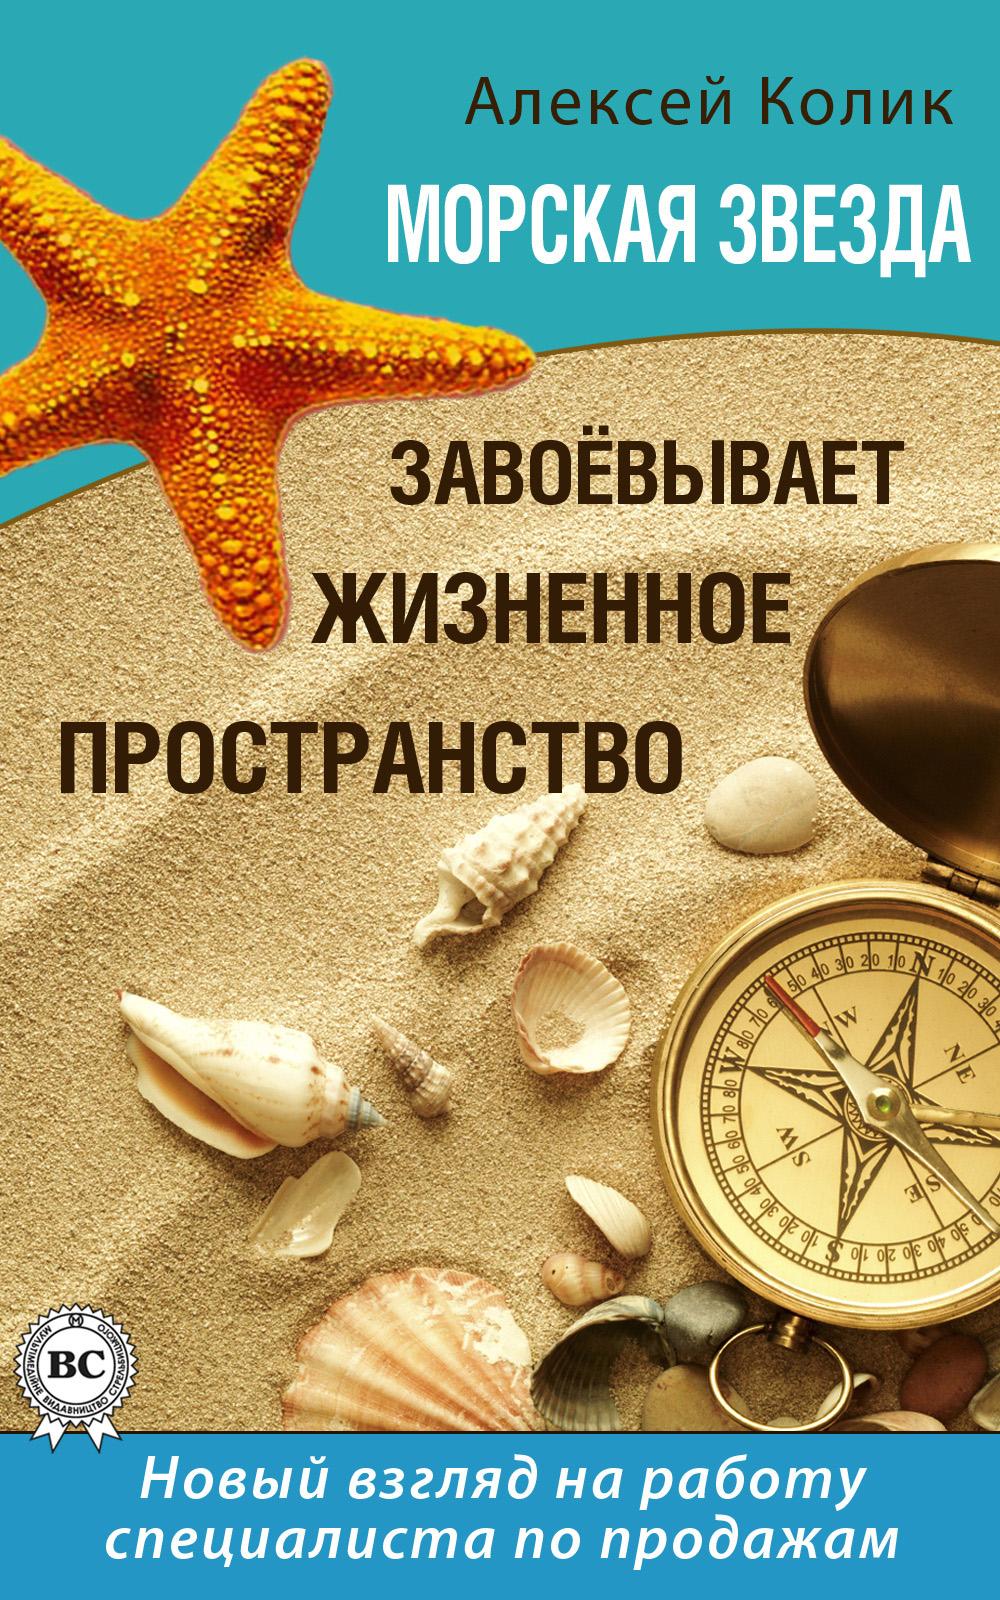 Алексей Колик Морская звезда завоевывает жизненное пространство. Новый взгляд на работу специалиста по продажам колентьев алексей сергеевич жизненное пространство